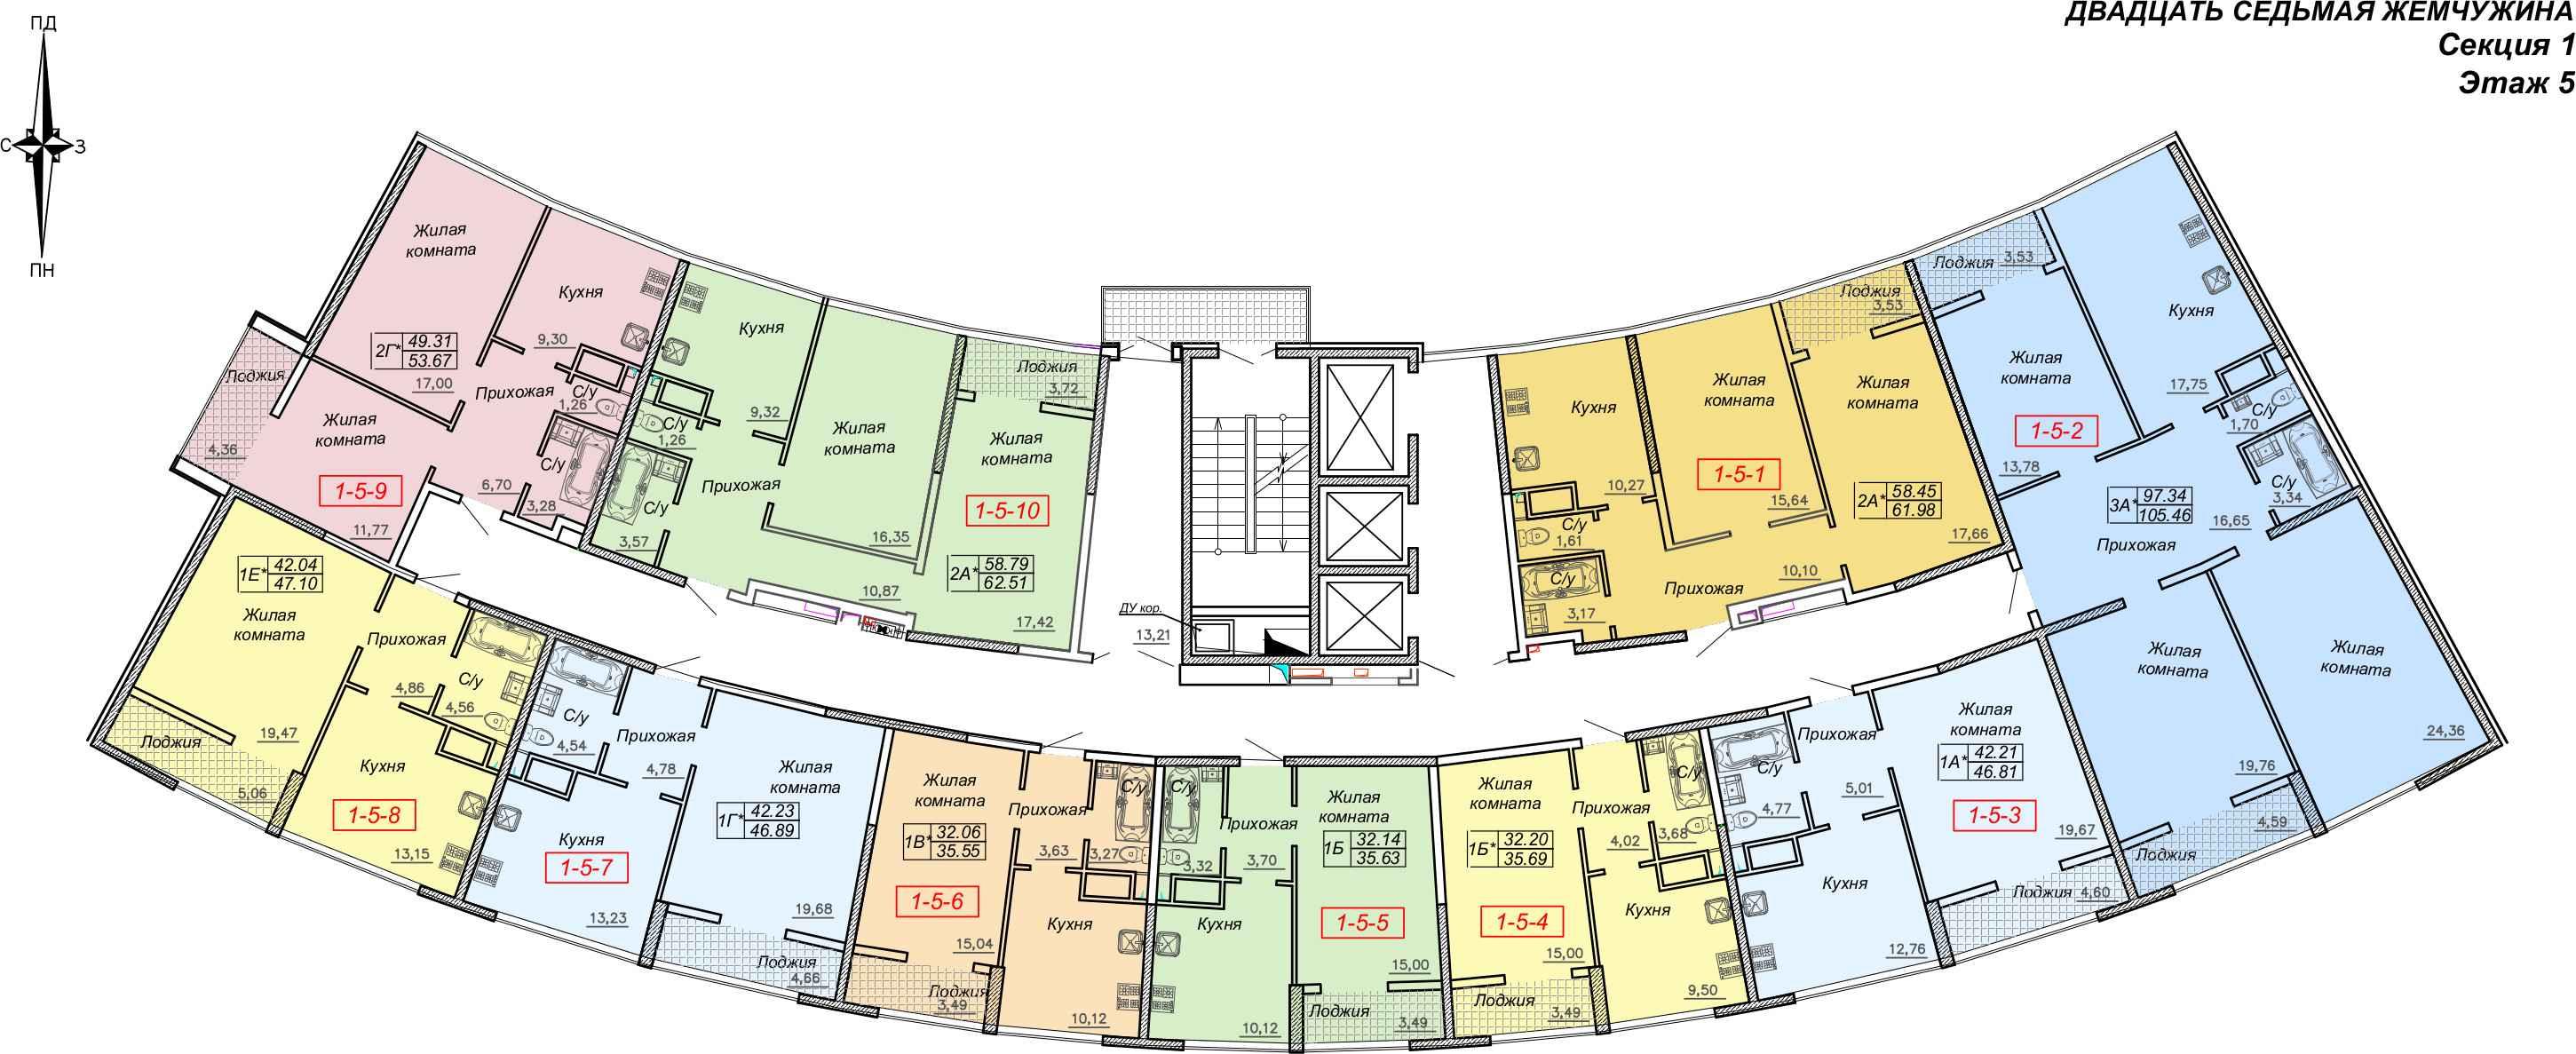 Кадорр, Жемчужина 27, Планировка секция 1, этаж 5-25